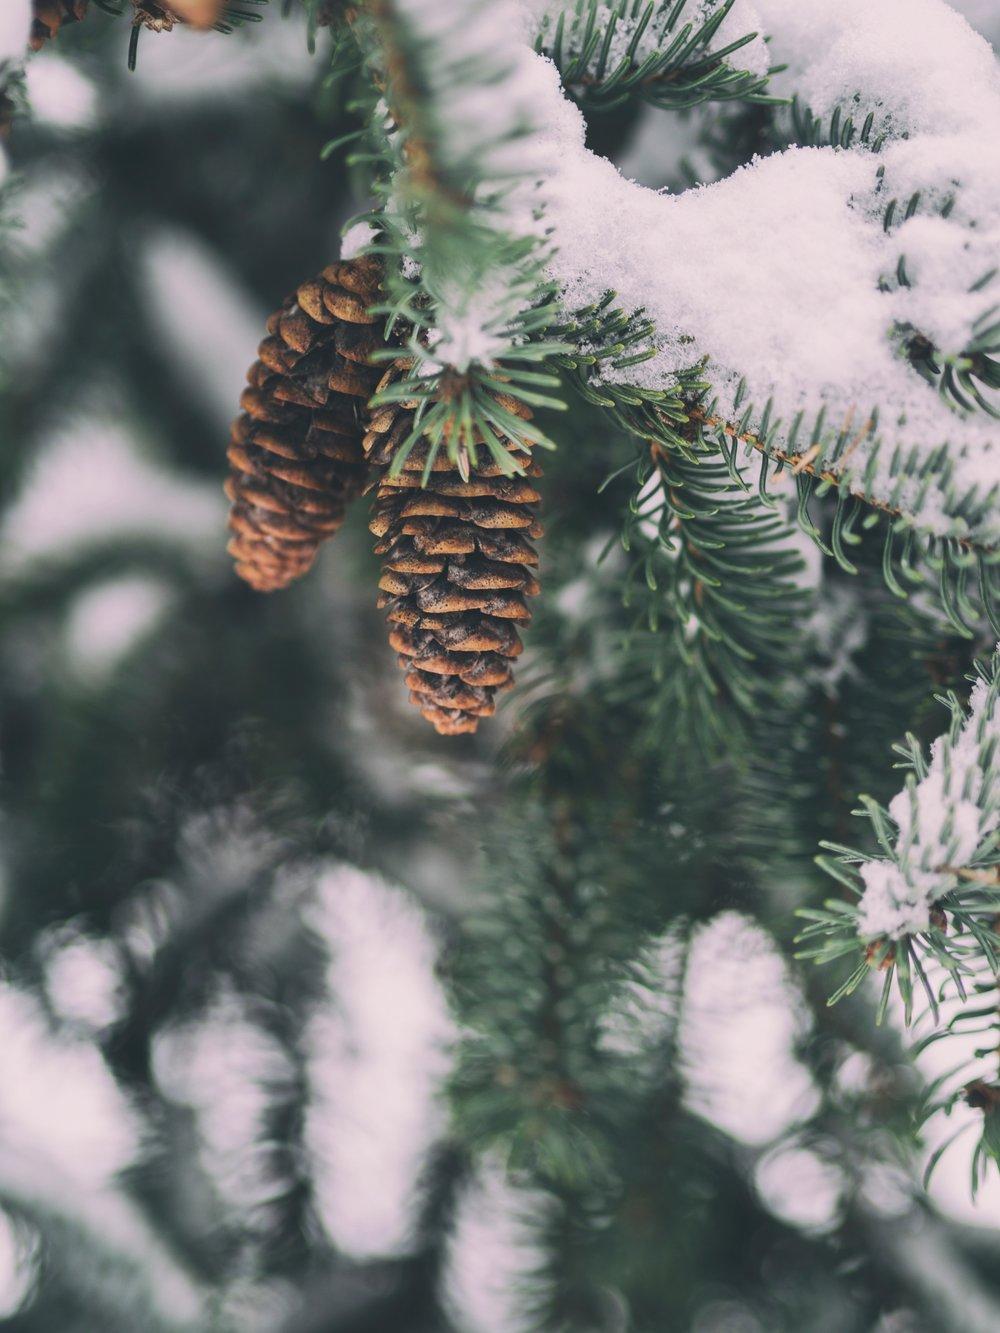 Aaron Burden snow on pie tree Up